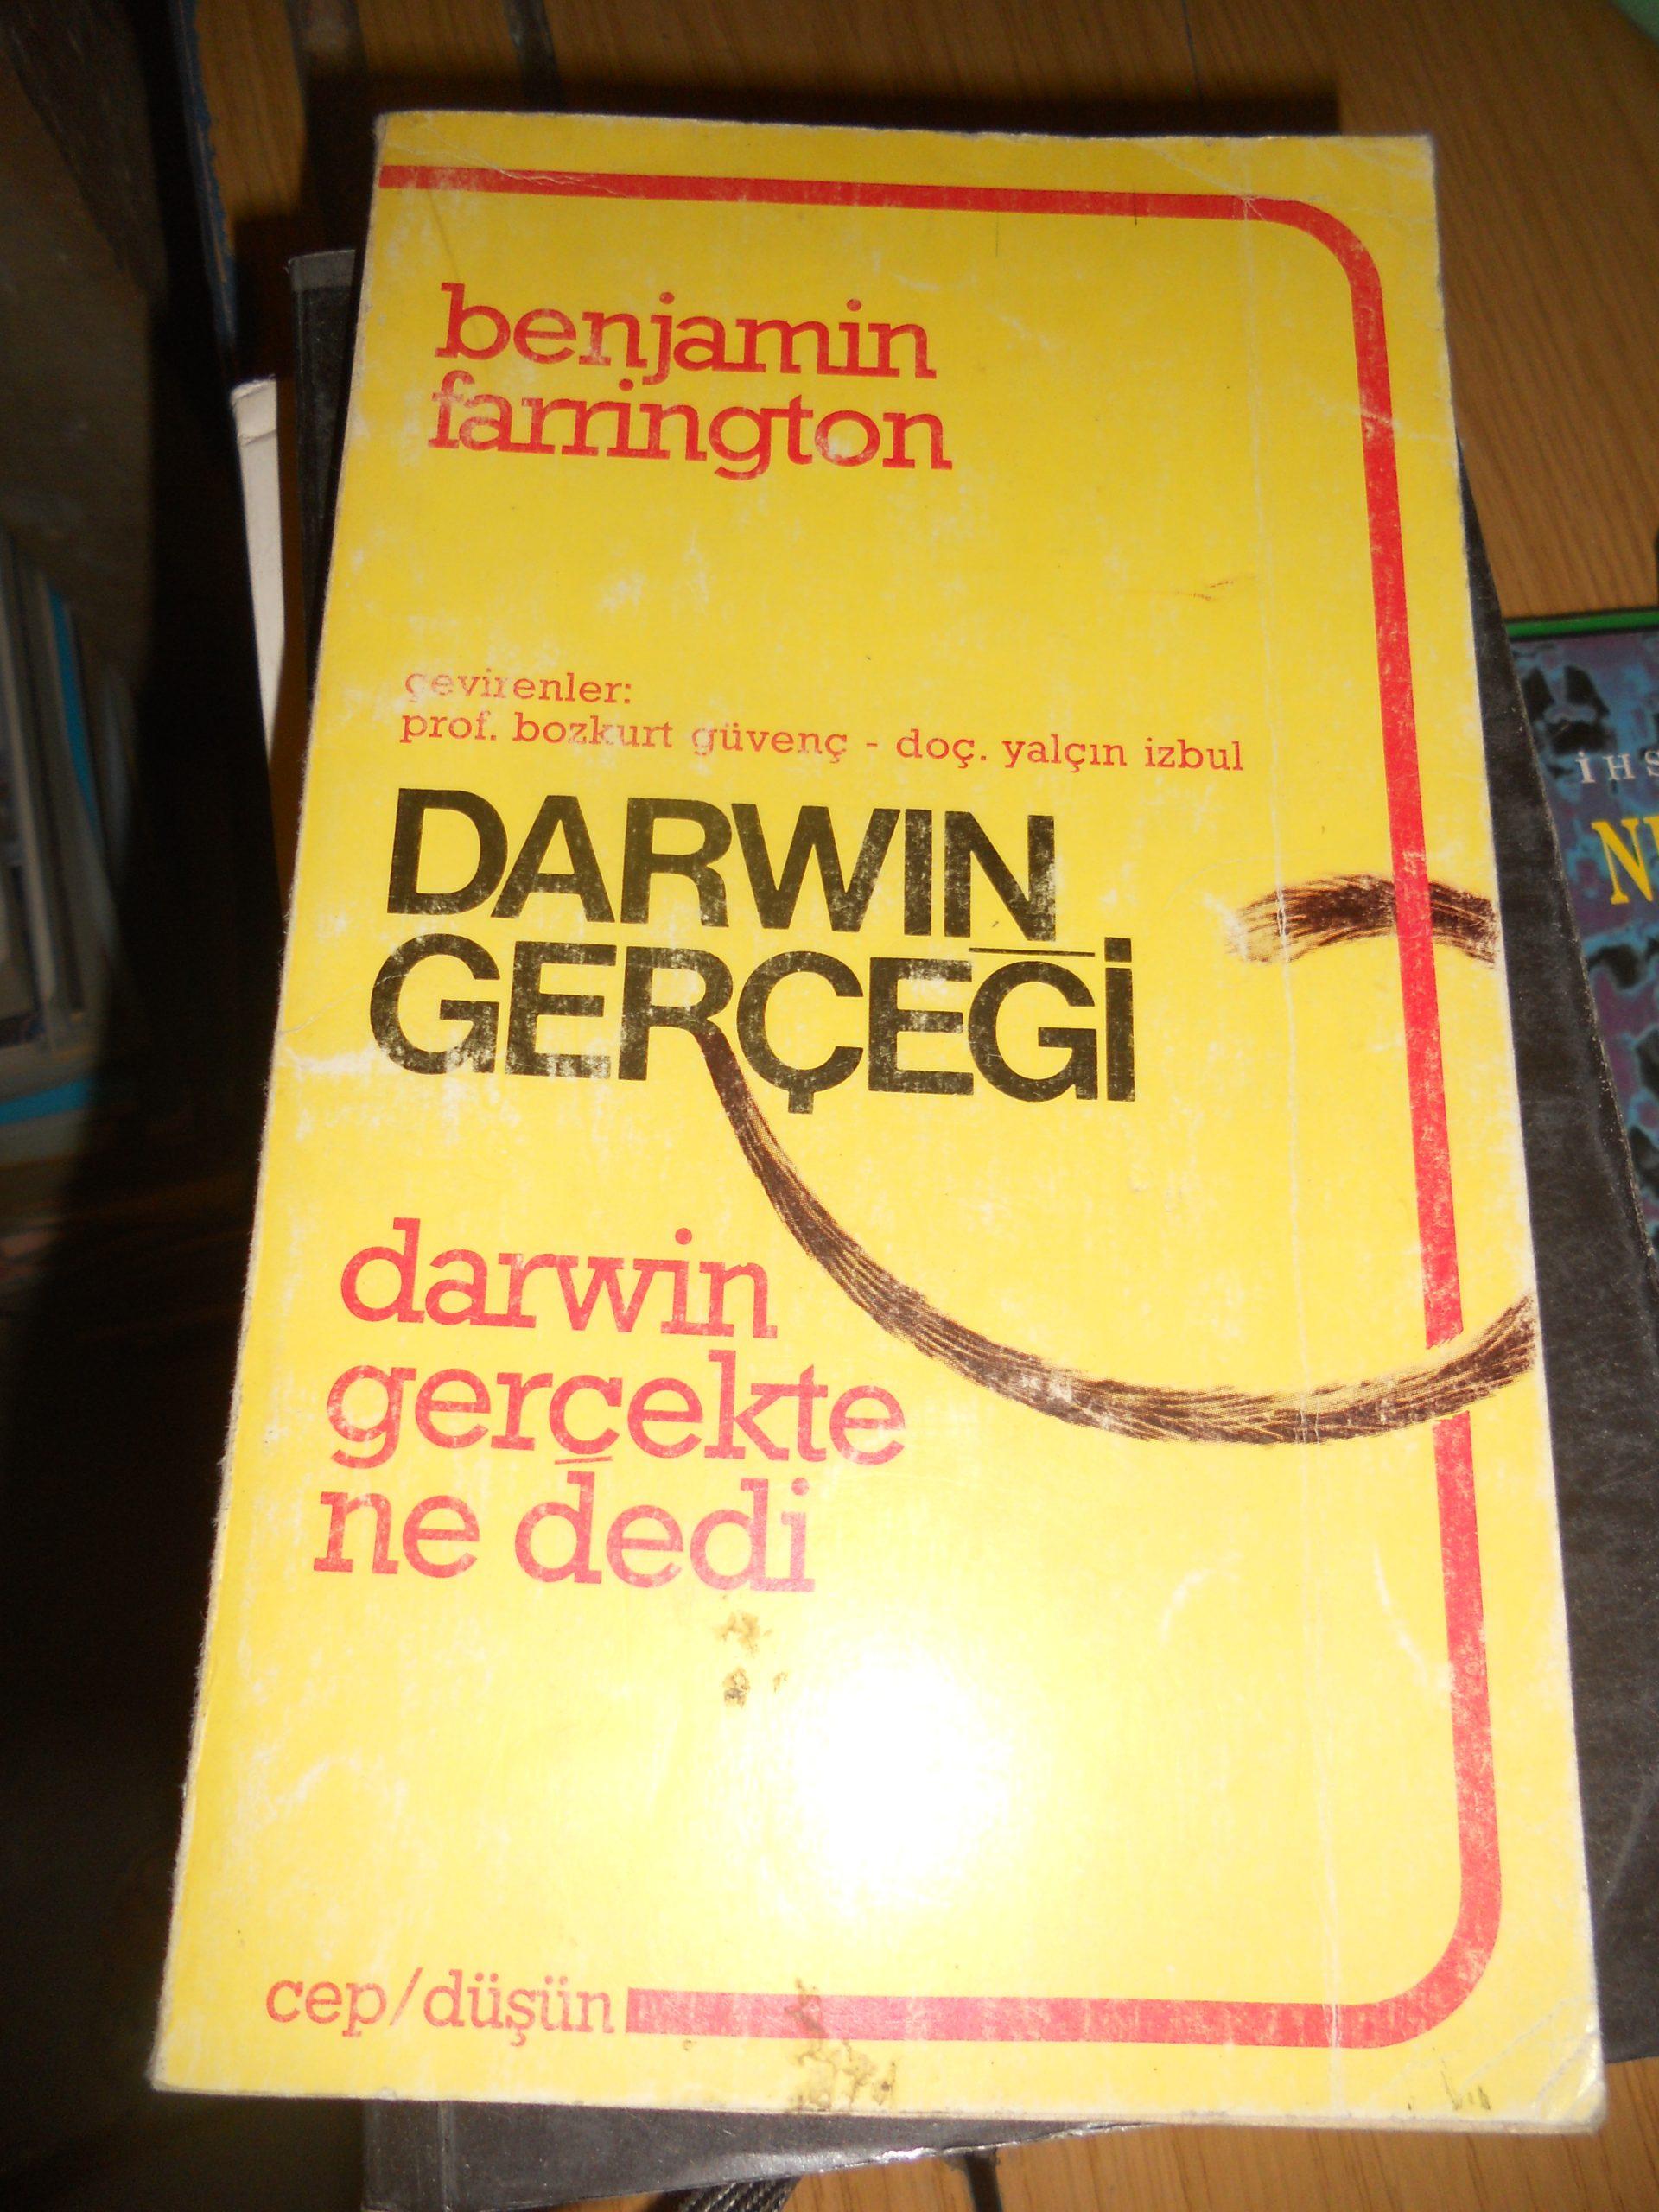 DARWIN GERÇEĞİ/Benjamin FARRINGTON/10 tl